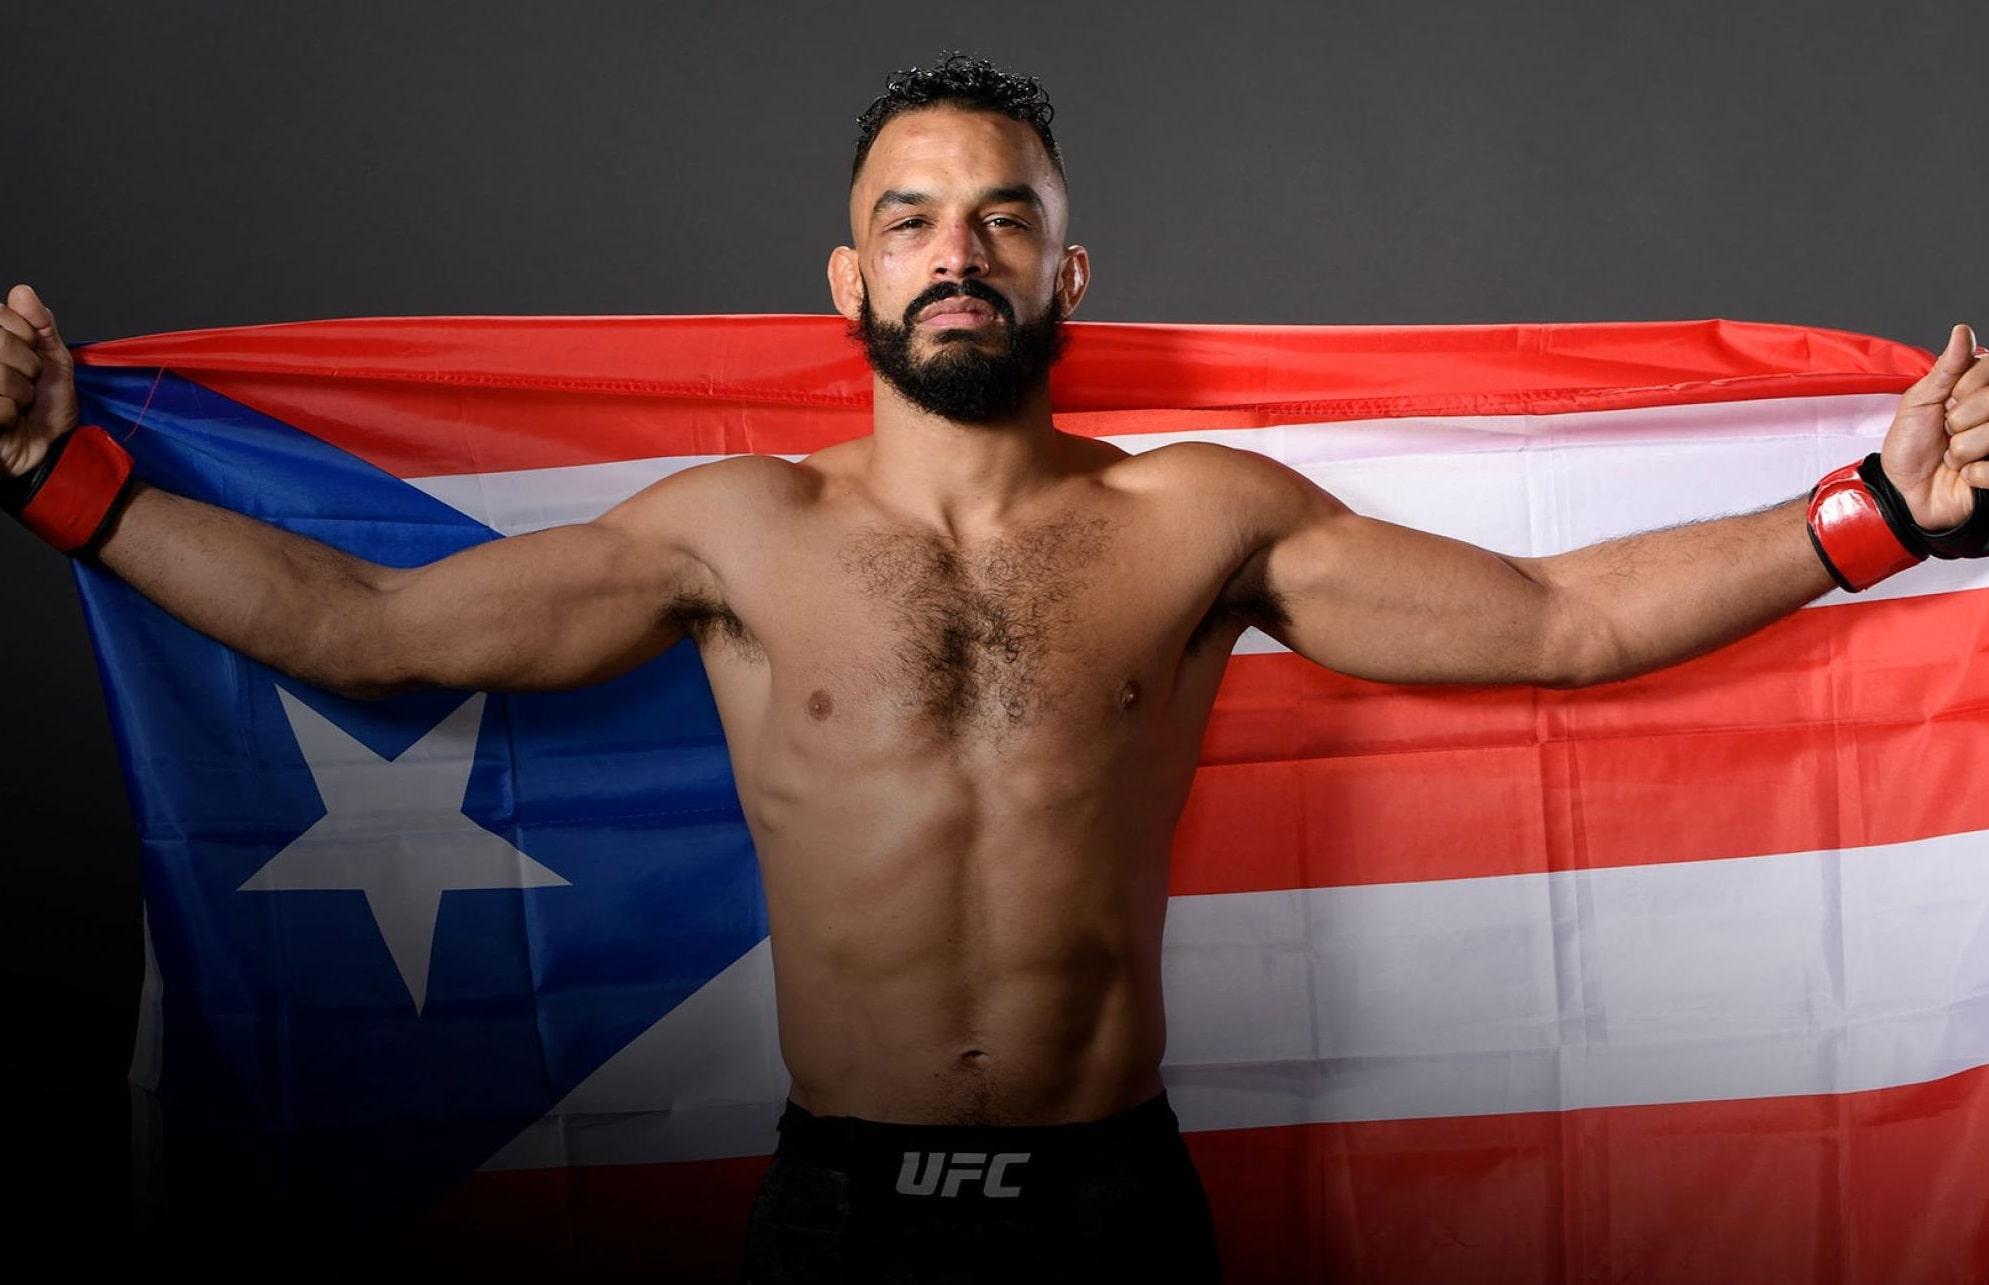 Роб Фонт - боец UFC: биография, статистика и лучшие бои